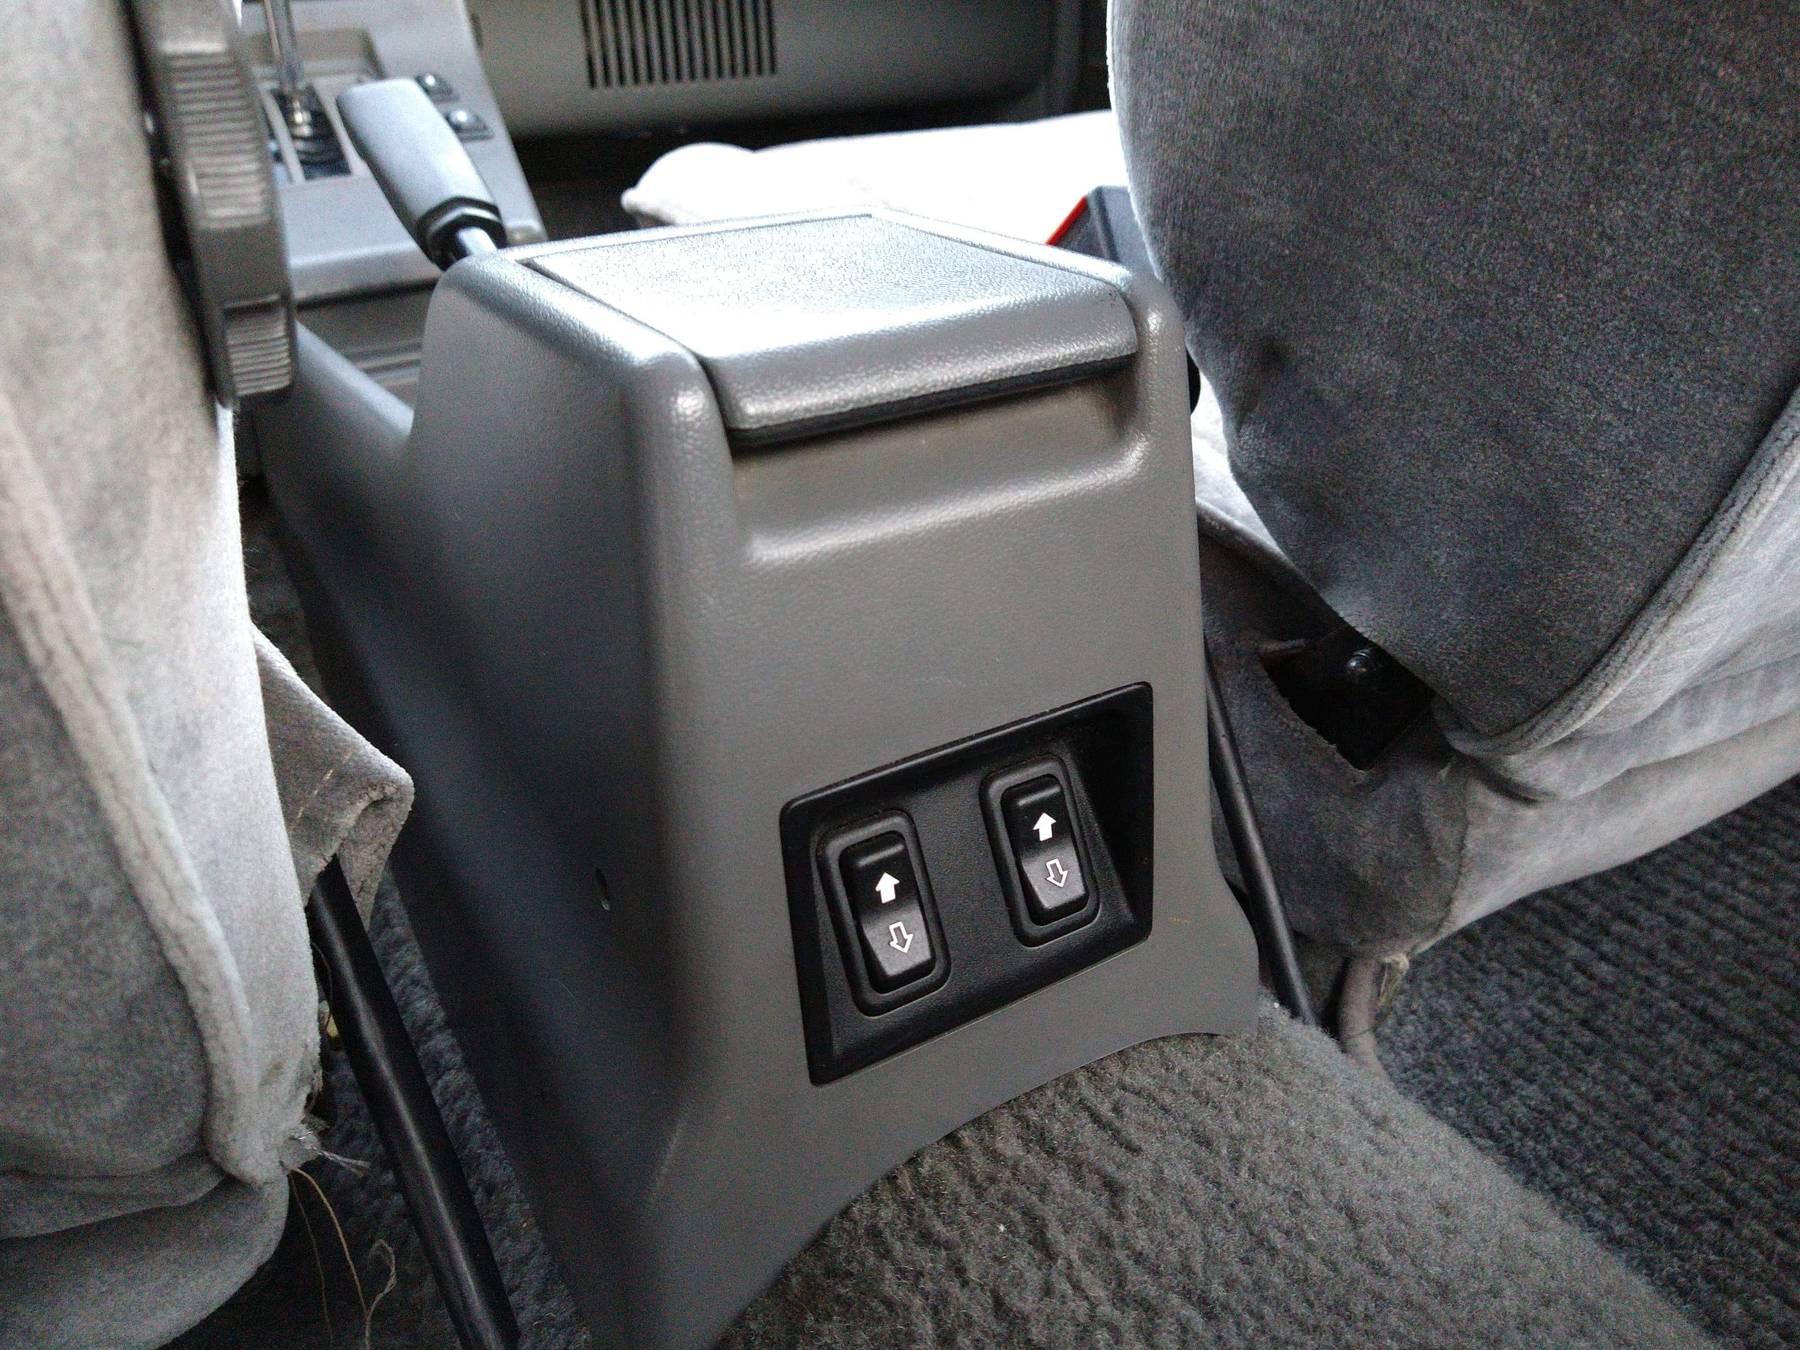 1986 Hyundai Stellar Executive center console control